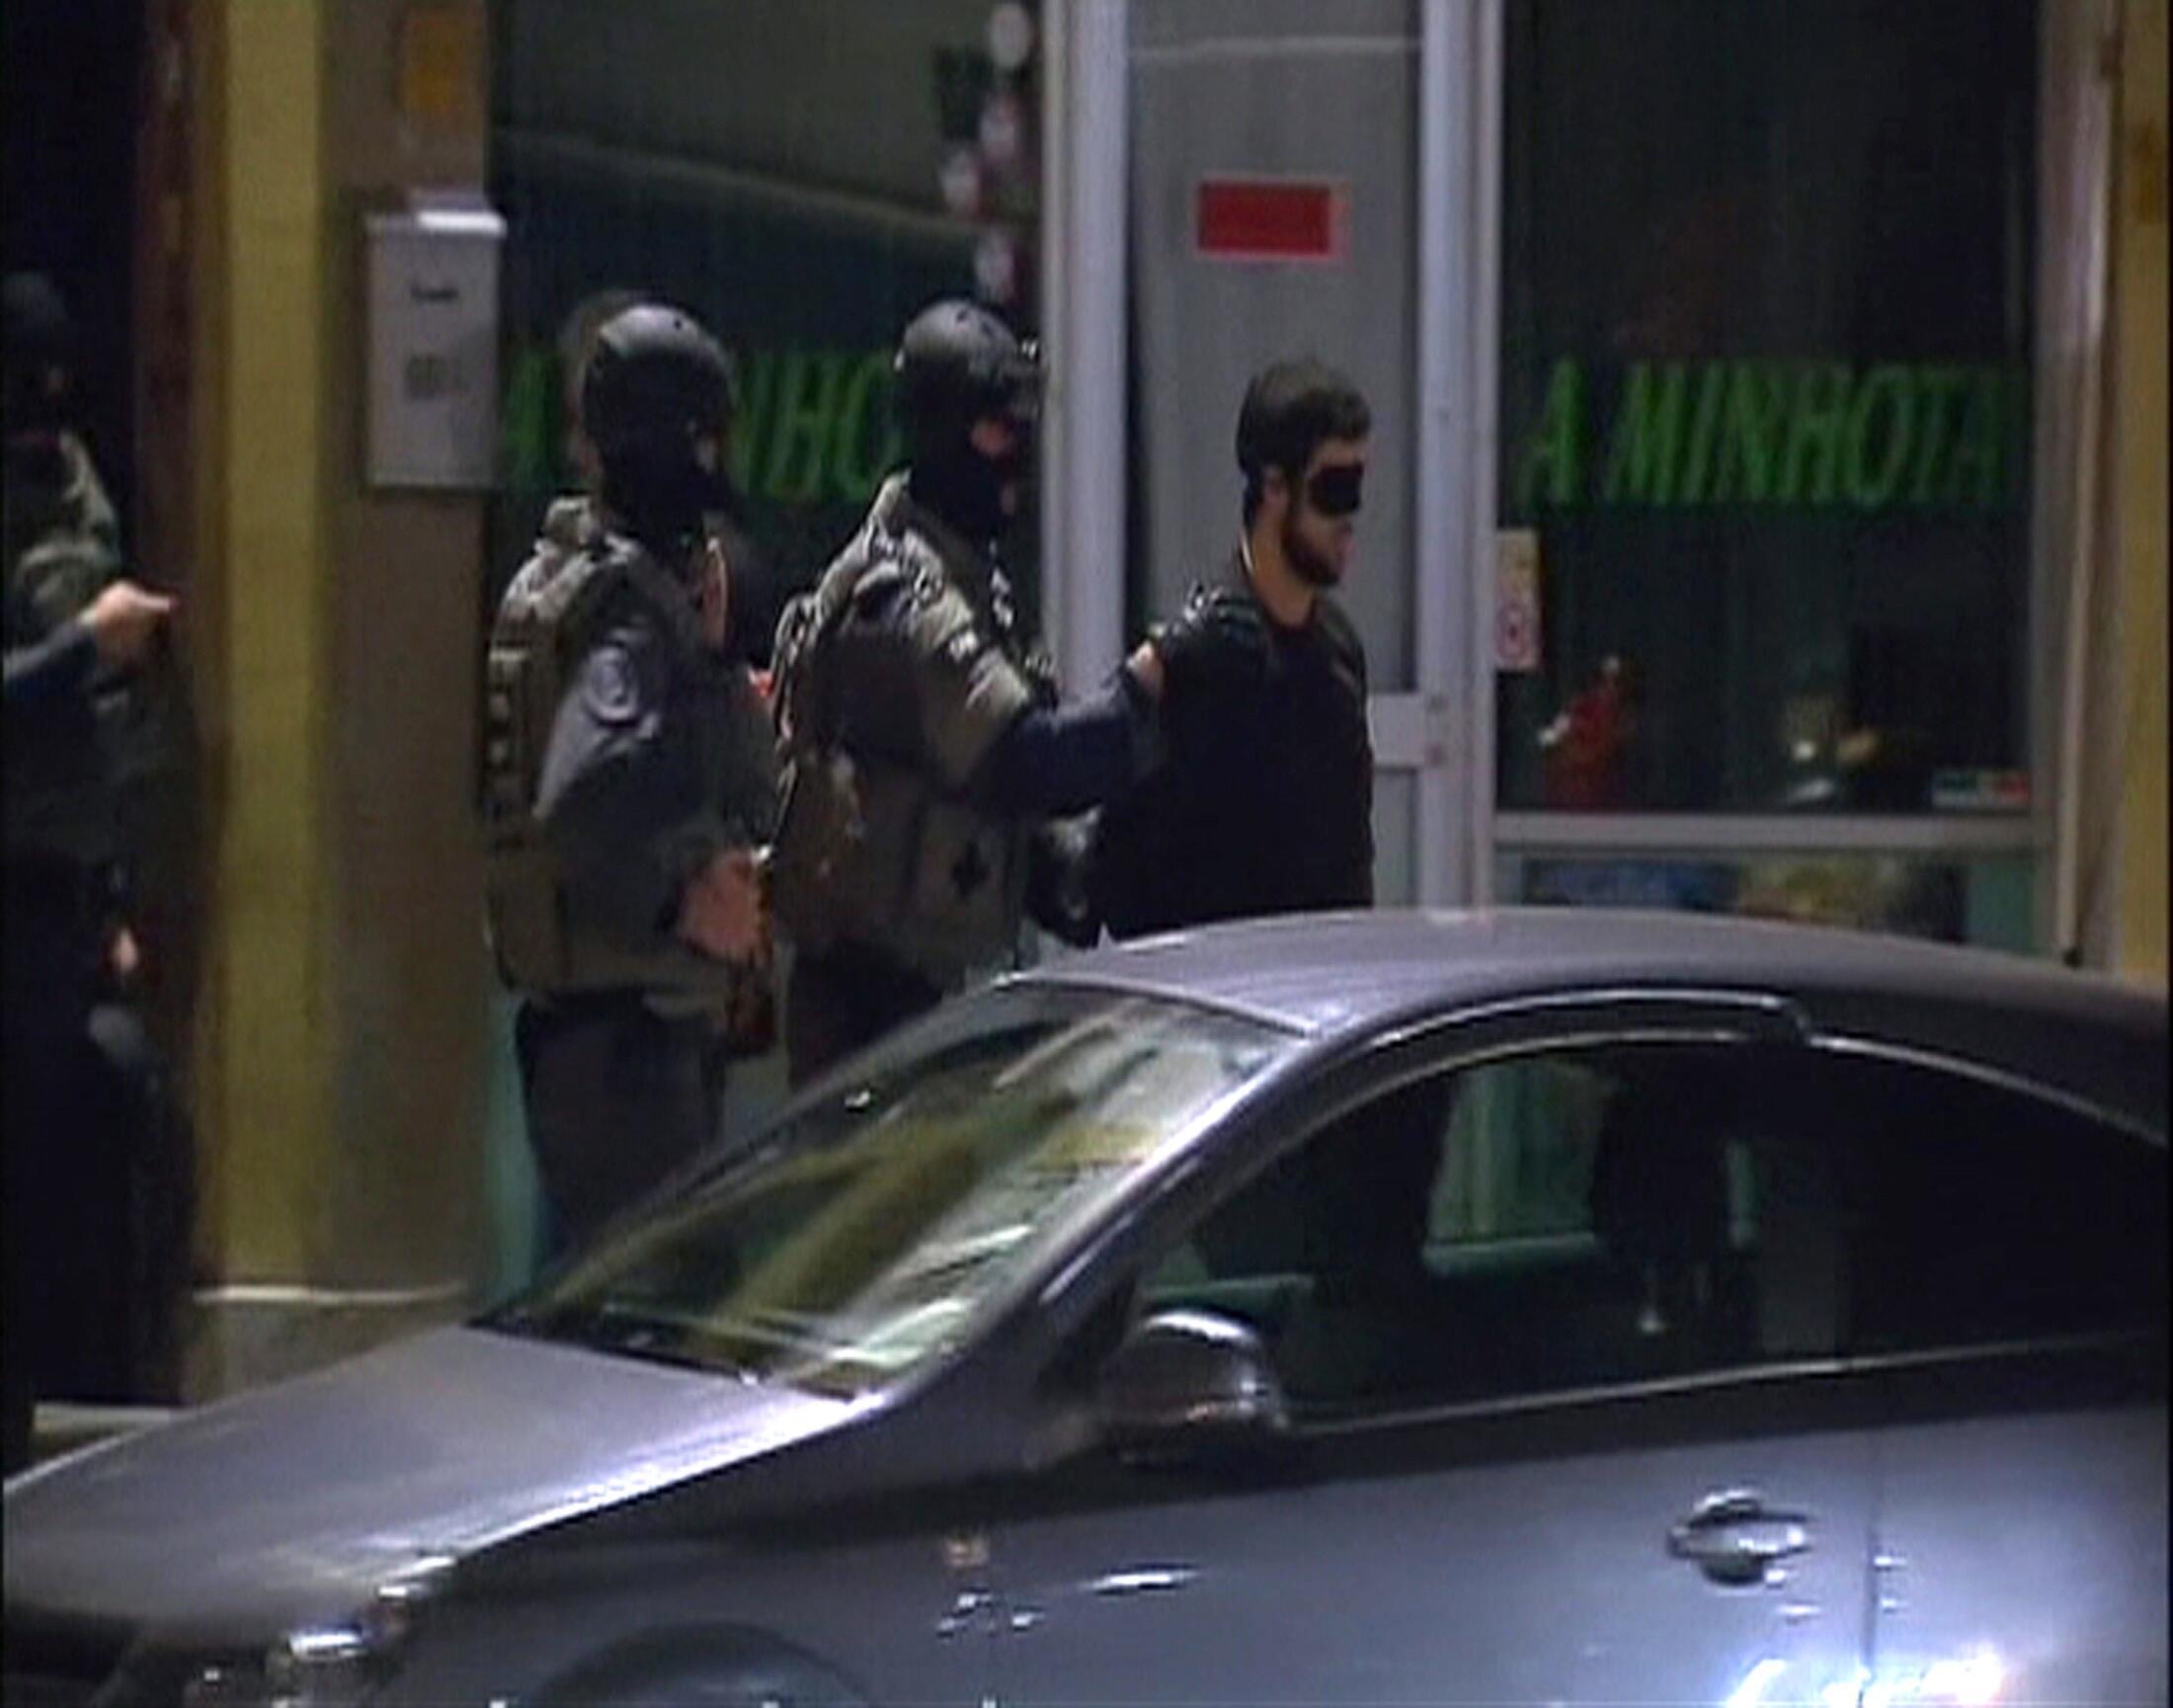 Cảnh sát bắt nghi can tại Antwerp, ngày 23/11/2010